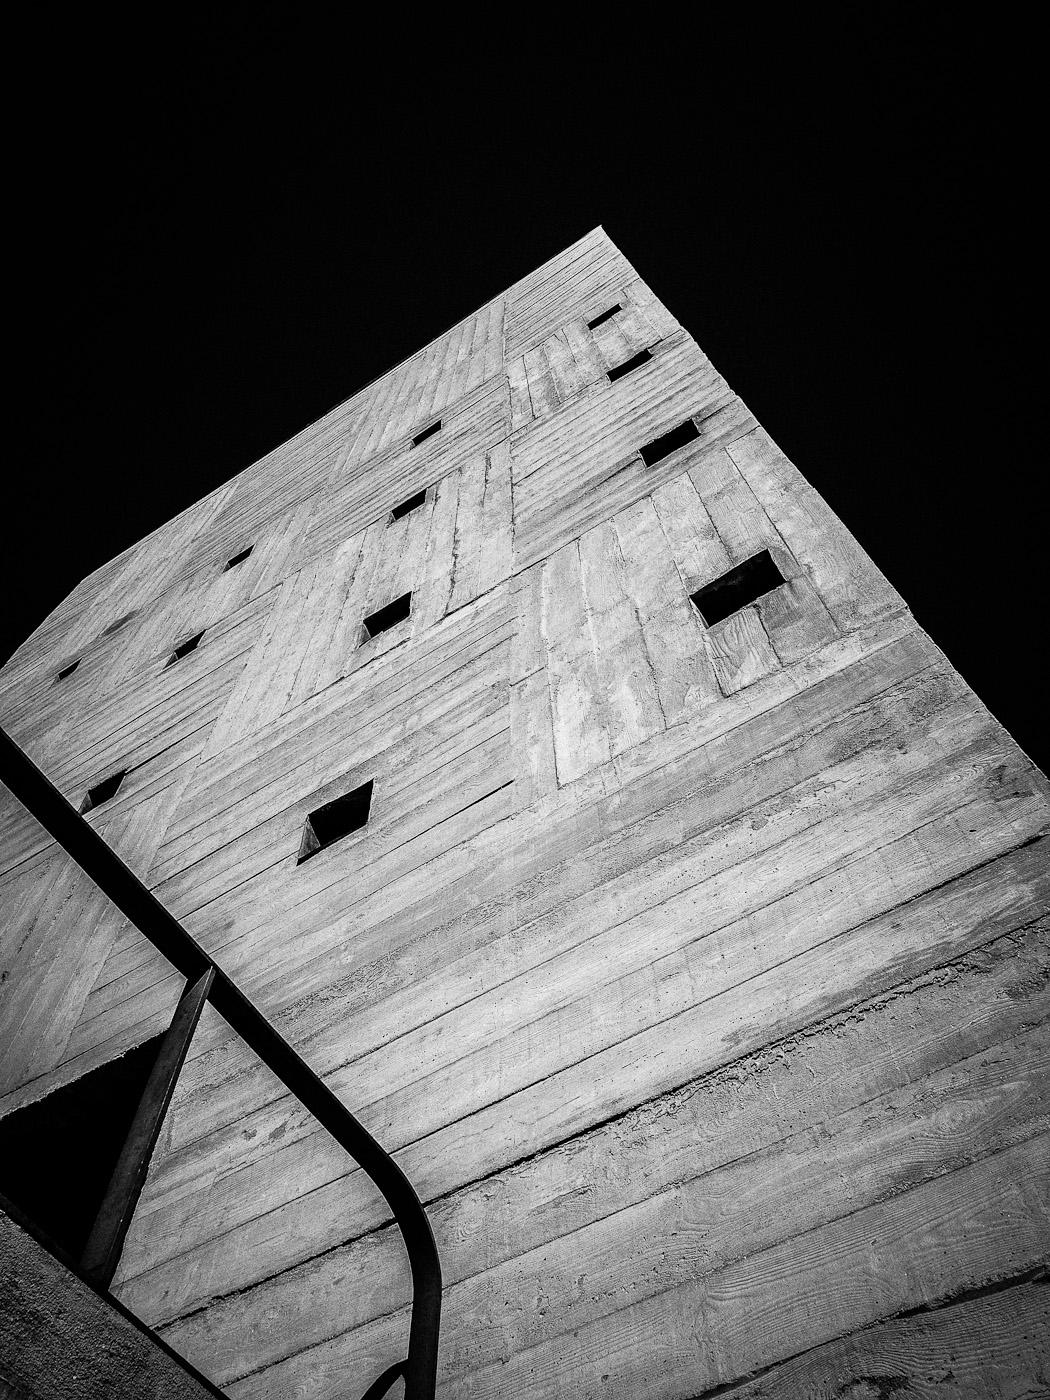 Concrete cube atop Le Corbusier's Cité Radieuse in Marseilles. Olympus OM-D E-M5.